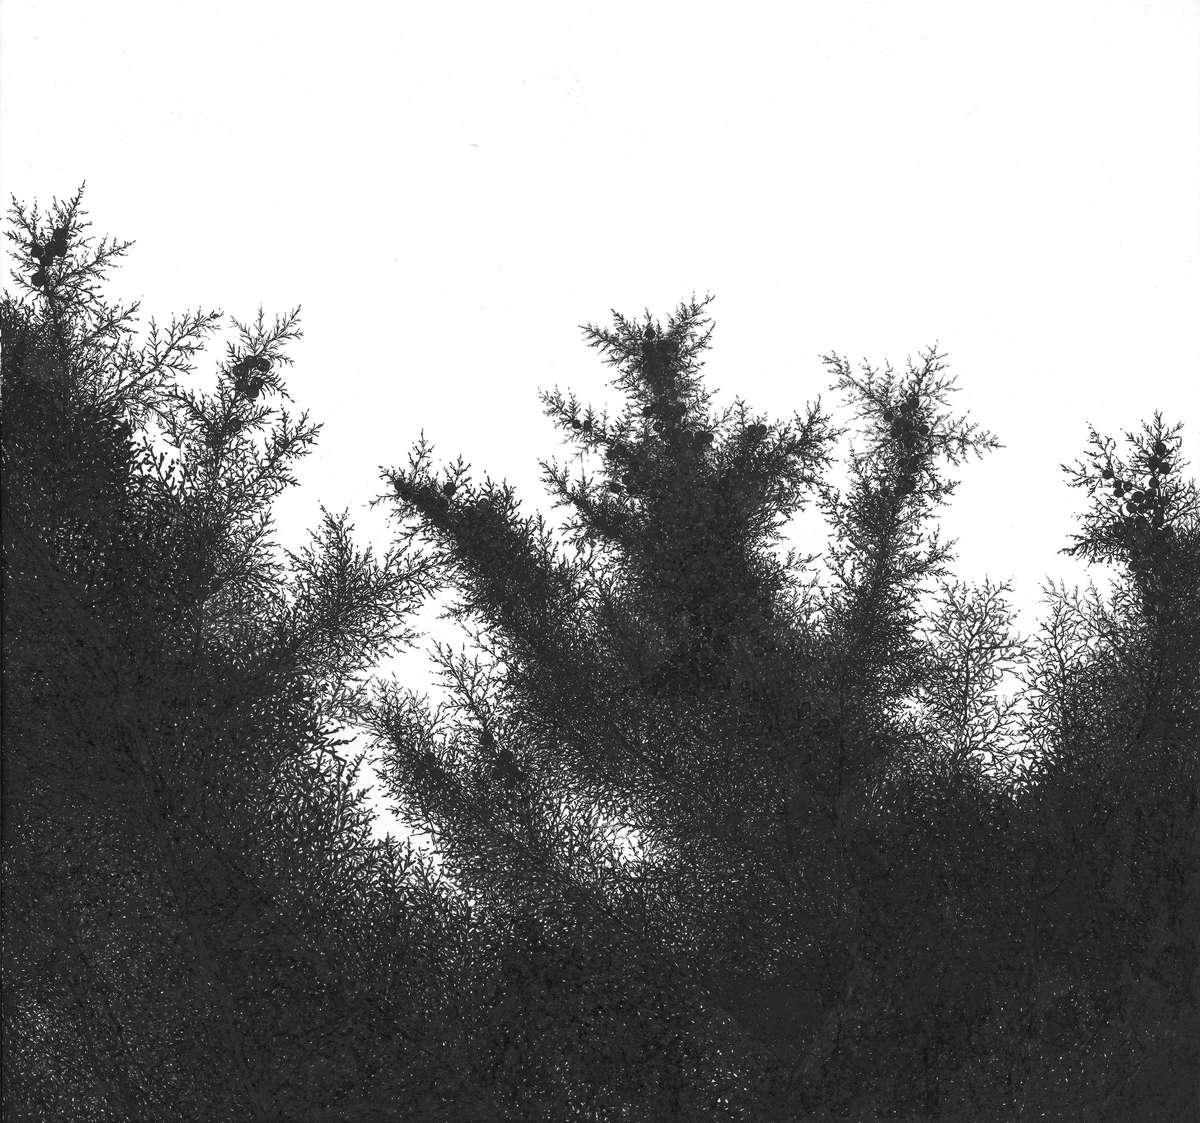 Tina Konec, Fractalic III, risba, umetnost, drevo, detajl, črno in belo, fraktali, fraktal, fractal, fractals, drawing, art, black and white, leaves, ink